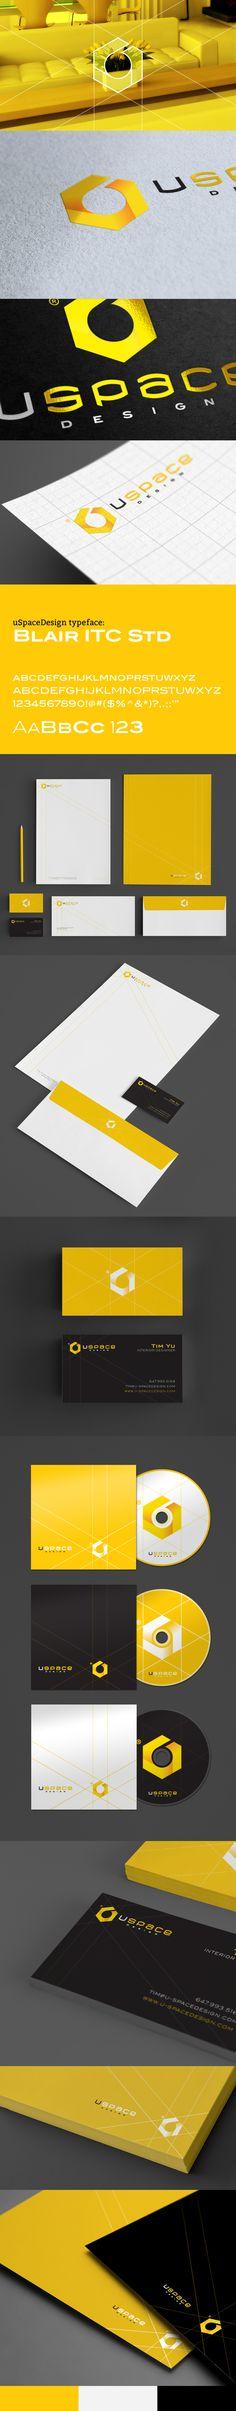 uspace - Corporate Design